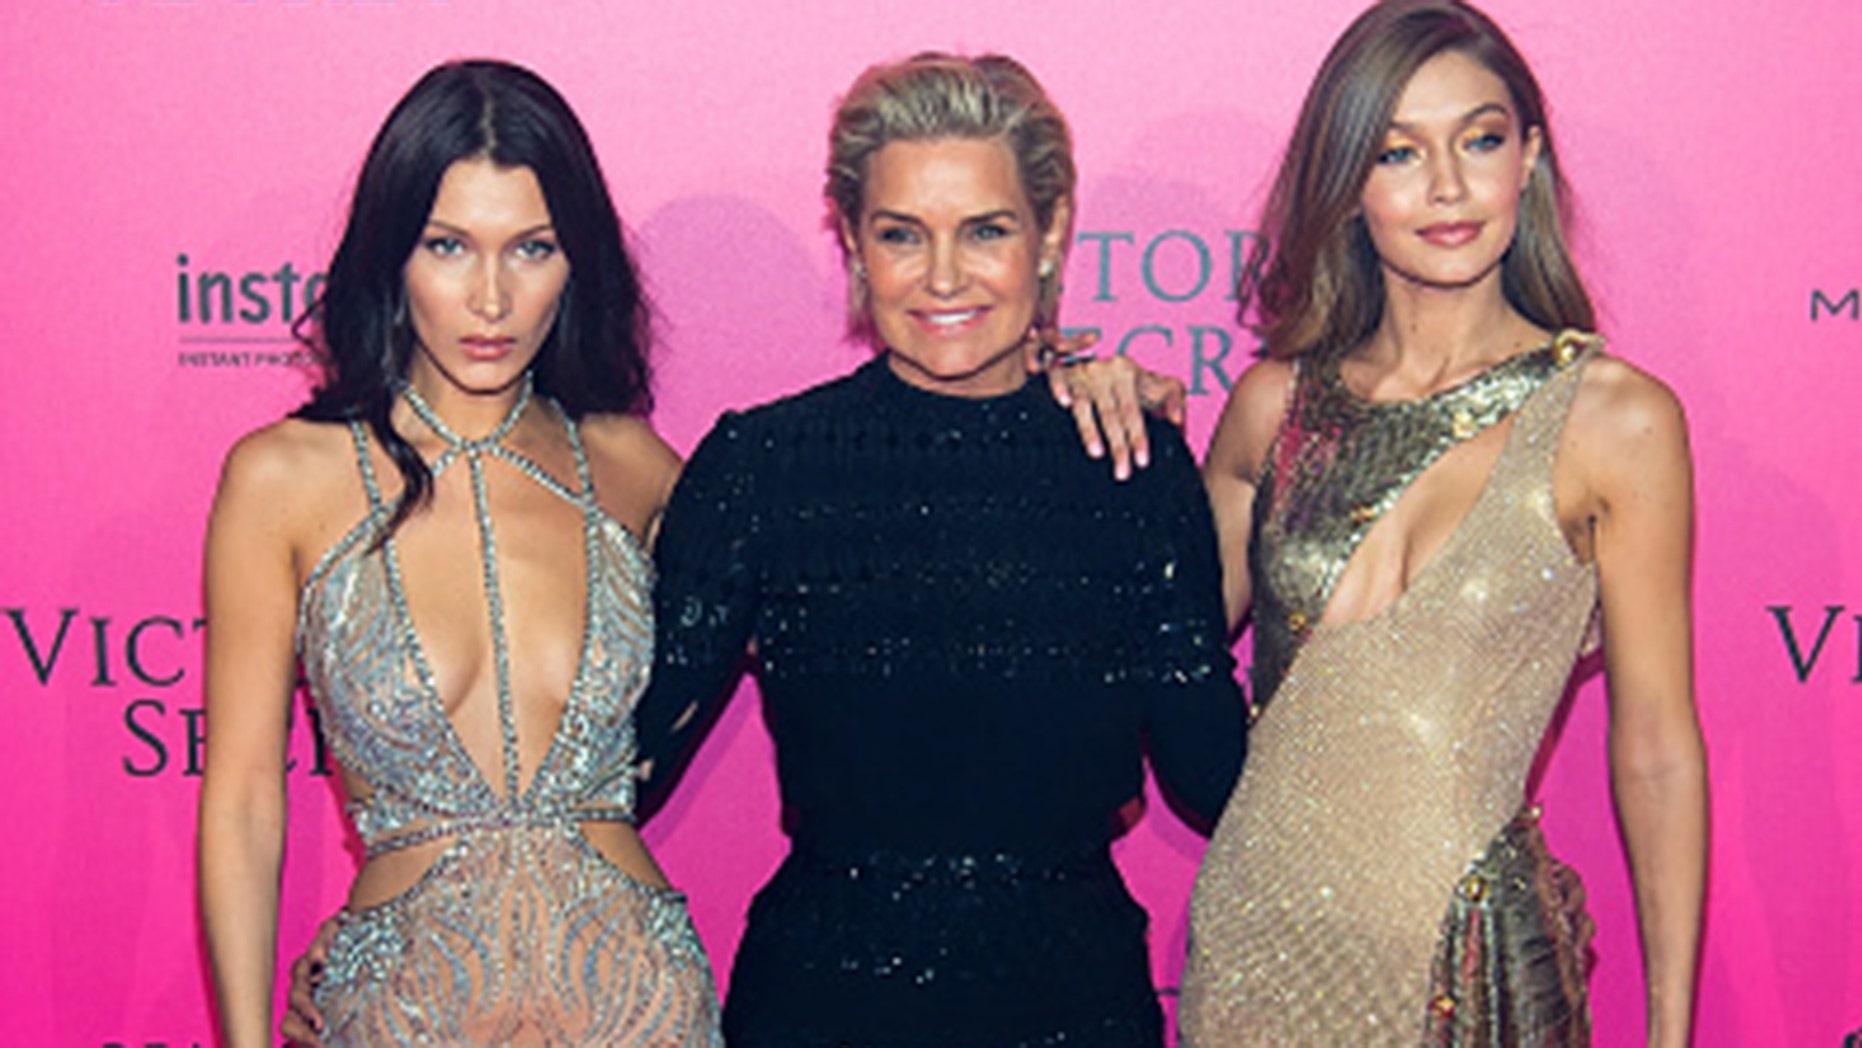 Bella, Yolanda and Gigi Hadid at Le Grand Palais on November 30, 2016 in Paris.